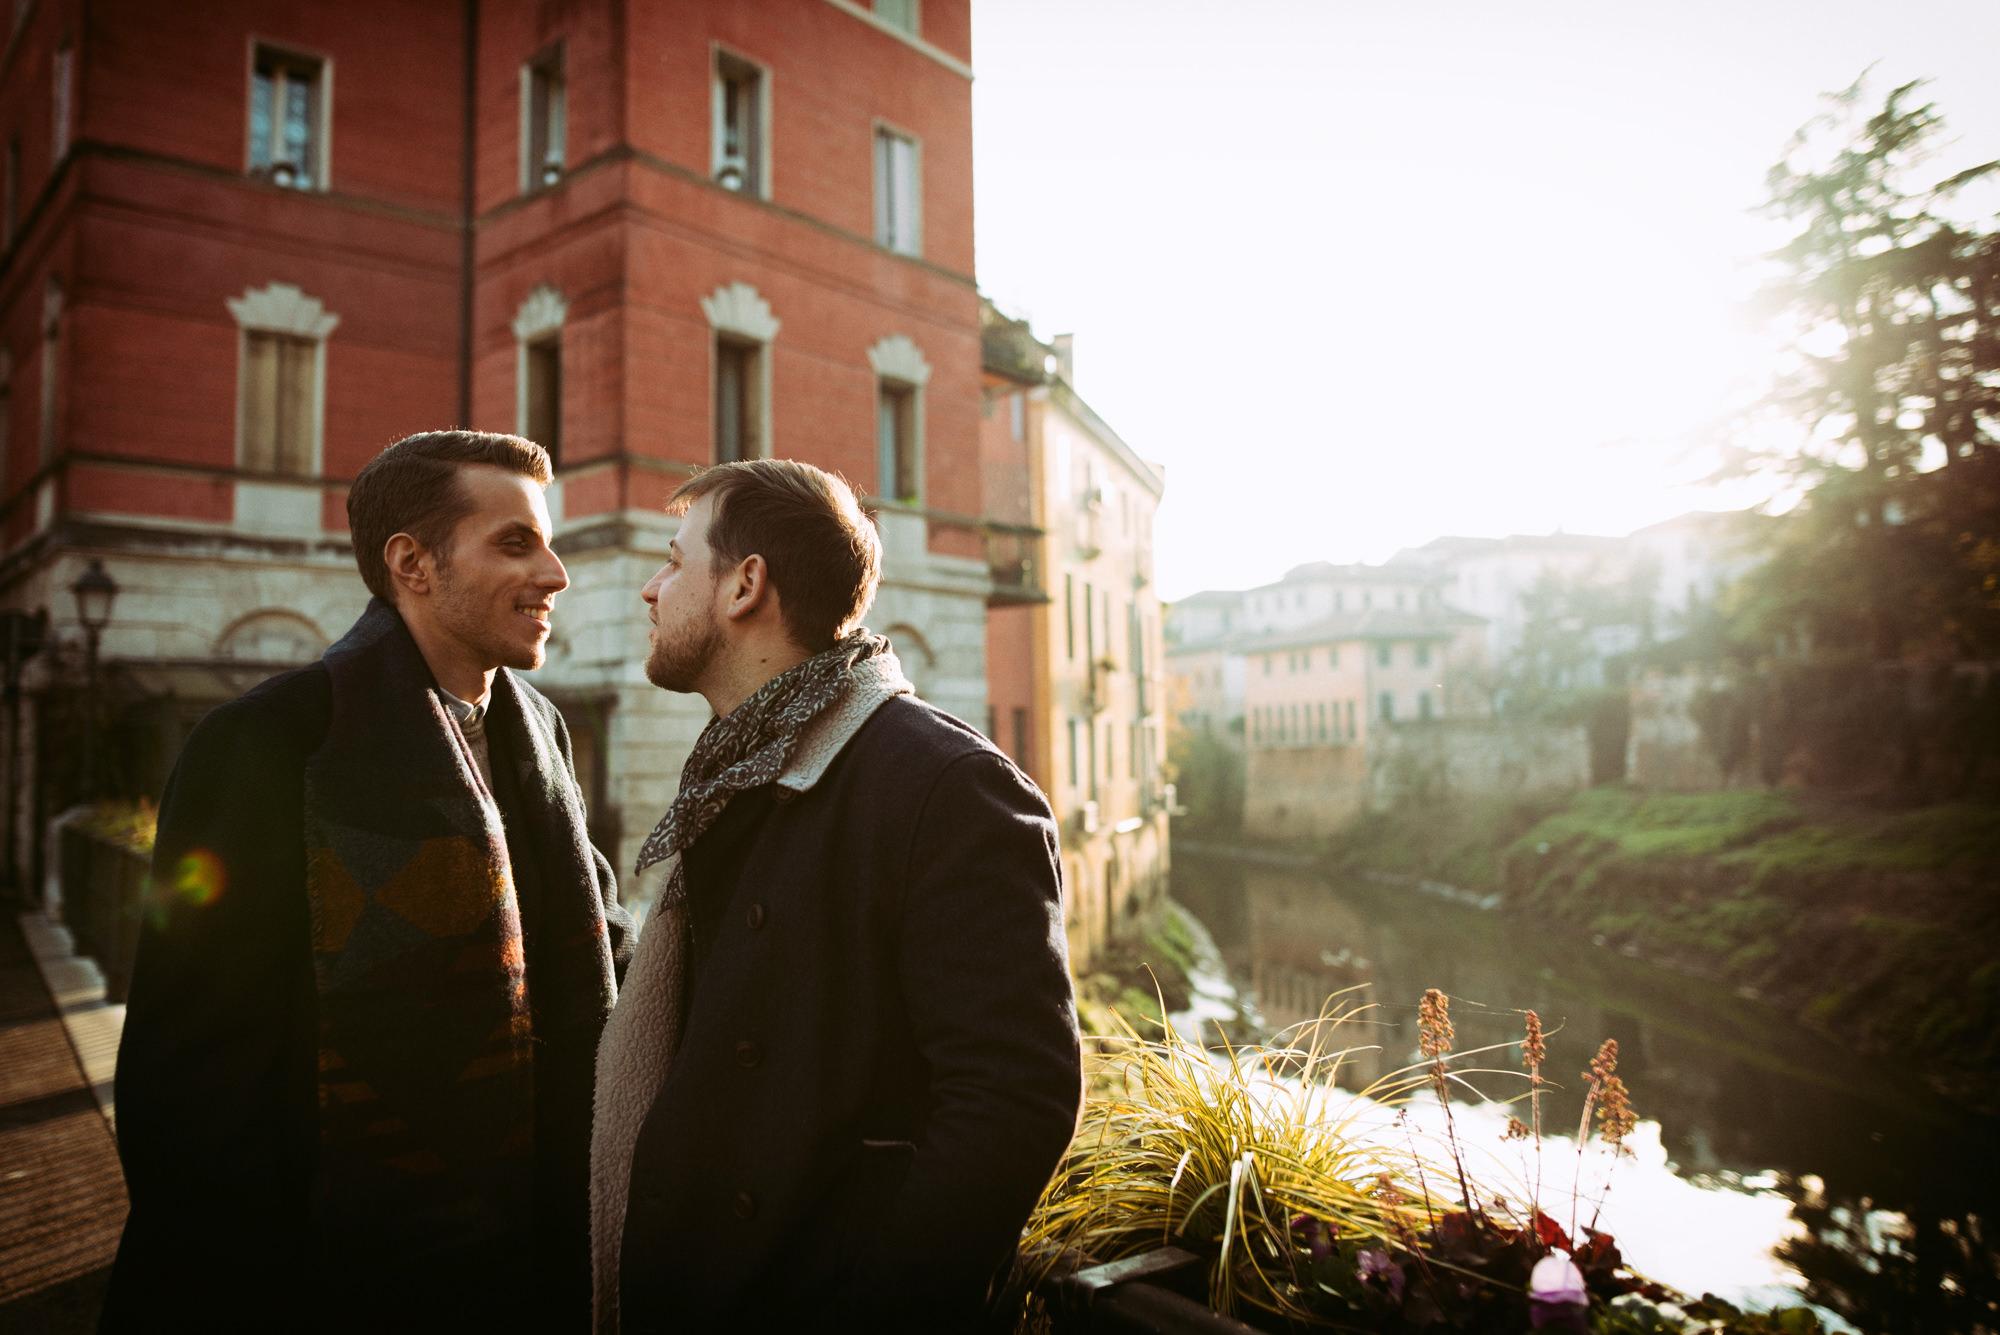 samesex couple photos italy 012 - Same-Sex Couple Photos Italy - Luca & Filippo